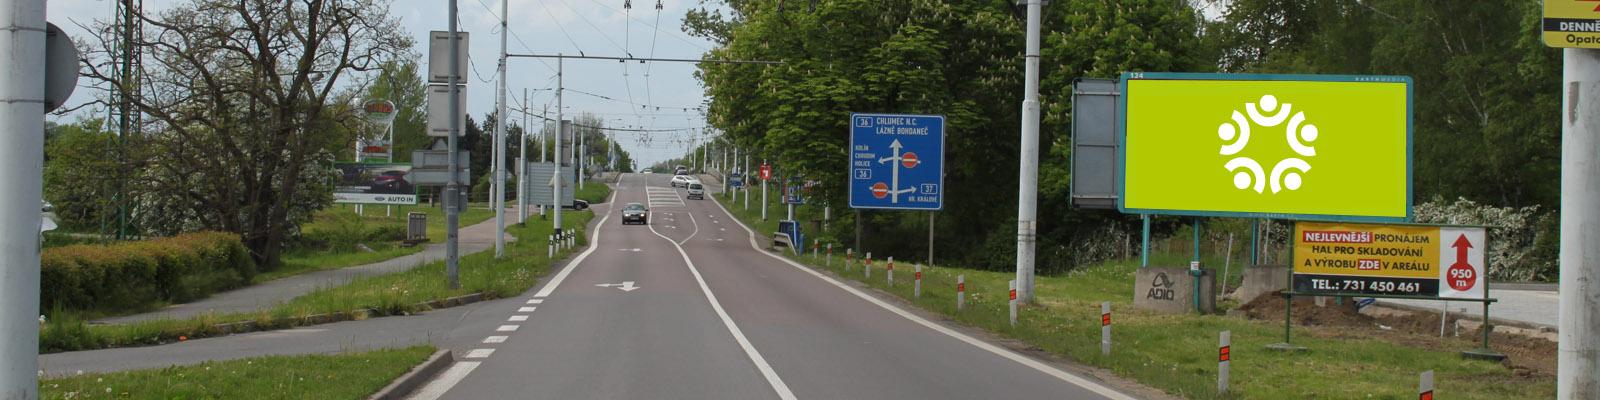 Pardubice - ulice Poděbradská, za kruhovým objezdem u Globusu